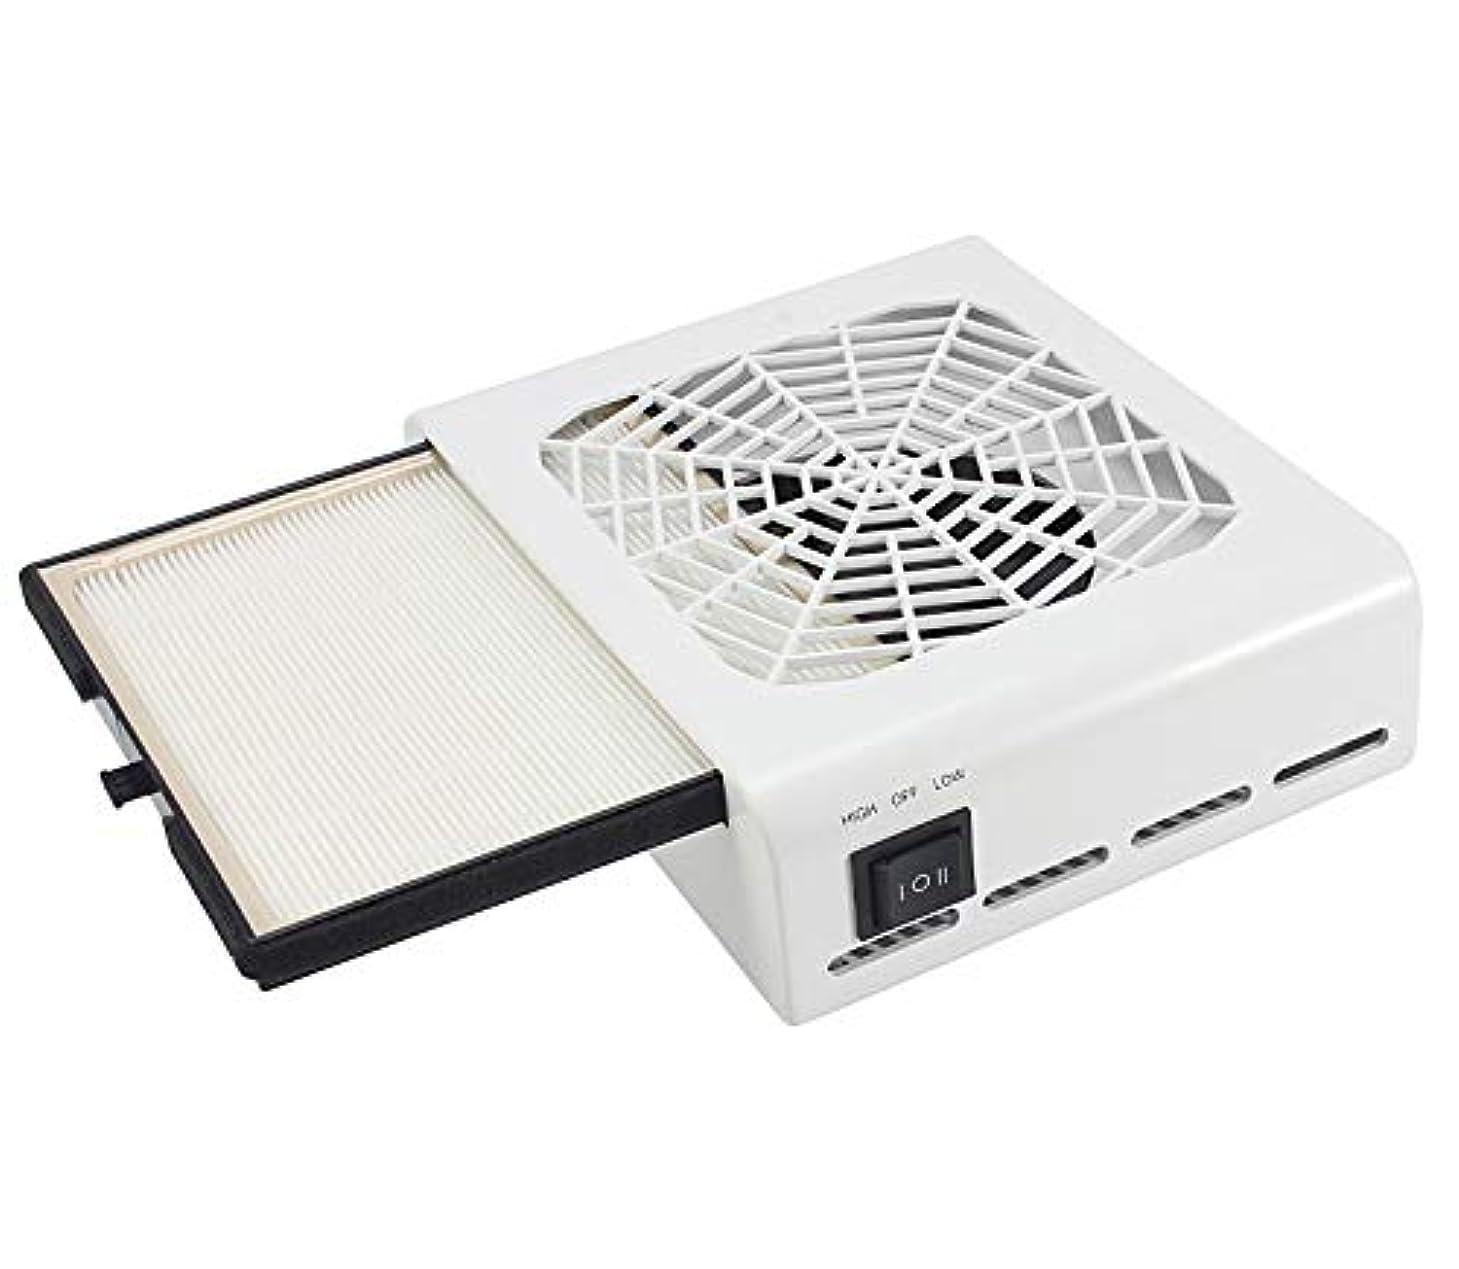 法廷市町村条件付きネイルダスト 集塵機 ジェルネイル ネイル機器 最新版 セルフネイル 低騒音 110V 40W パワー調節可能 白